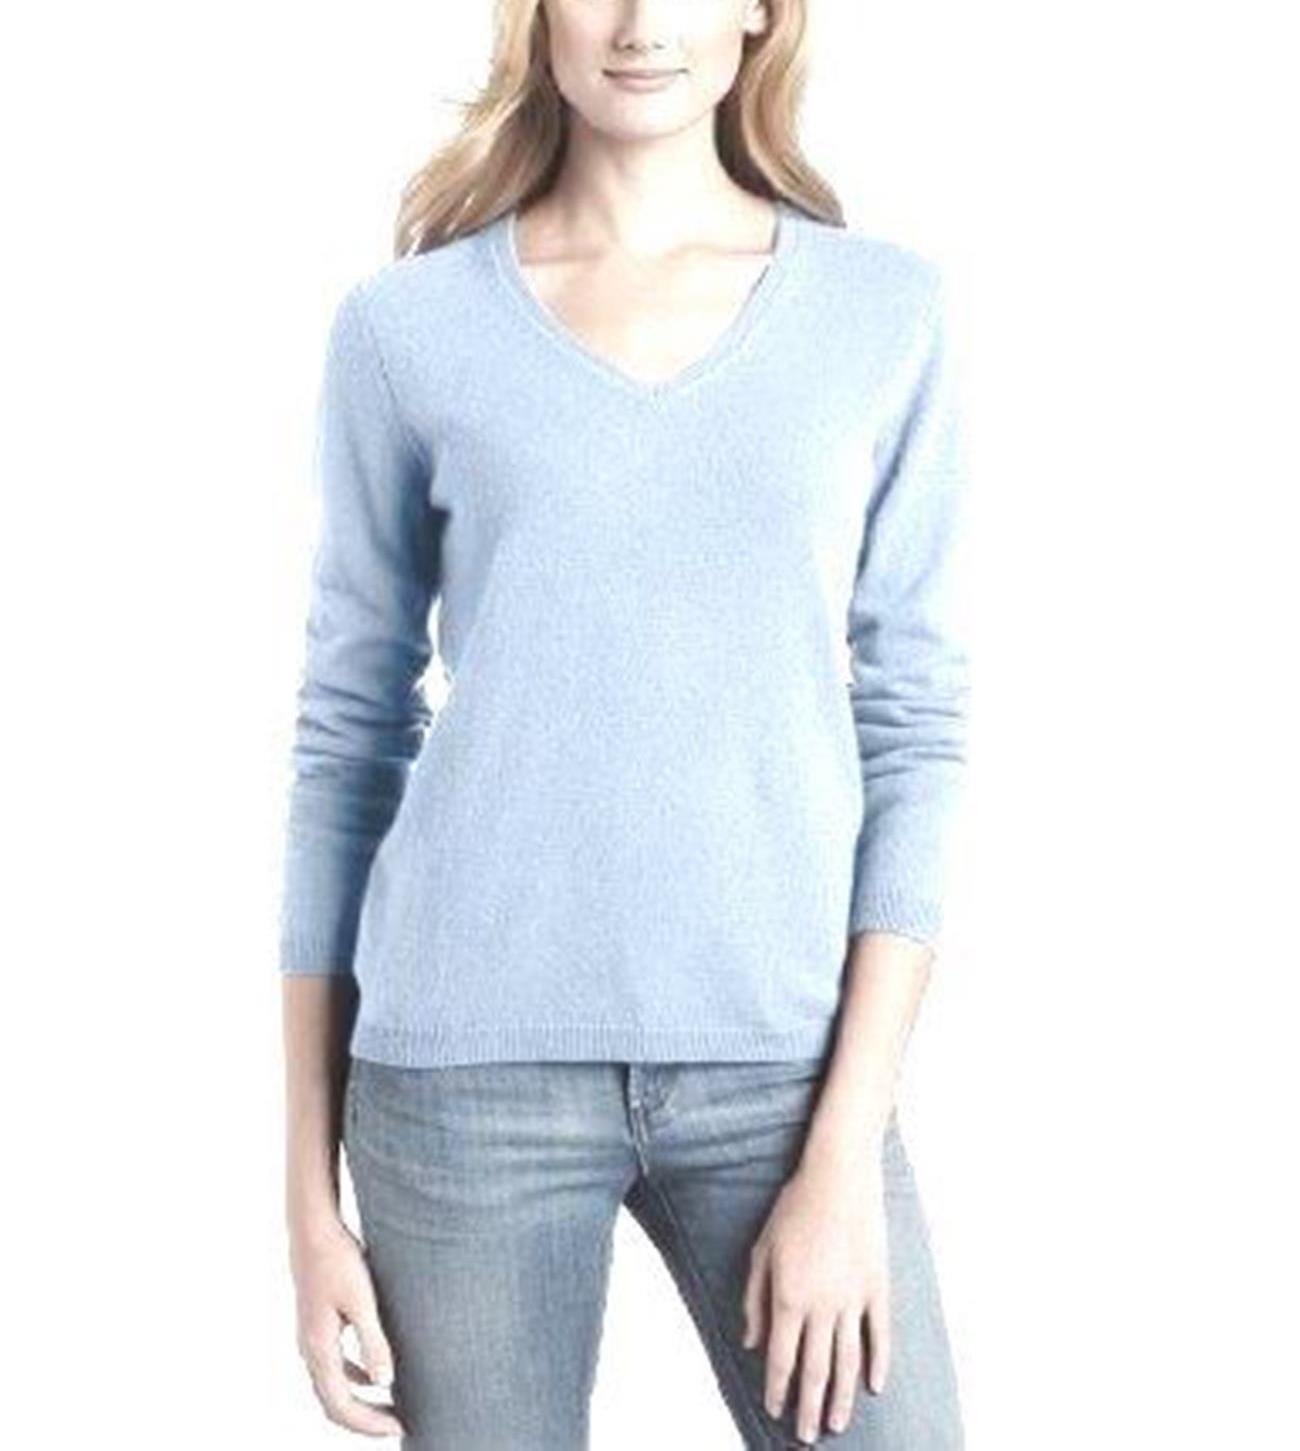 Glacier Ladies' V-Neck Sweater - 100% Cashmere Made in Scotland